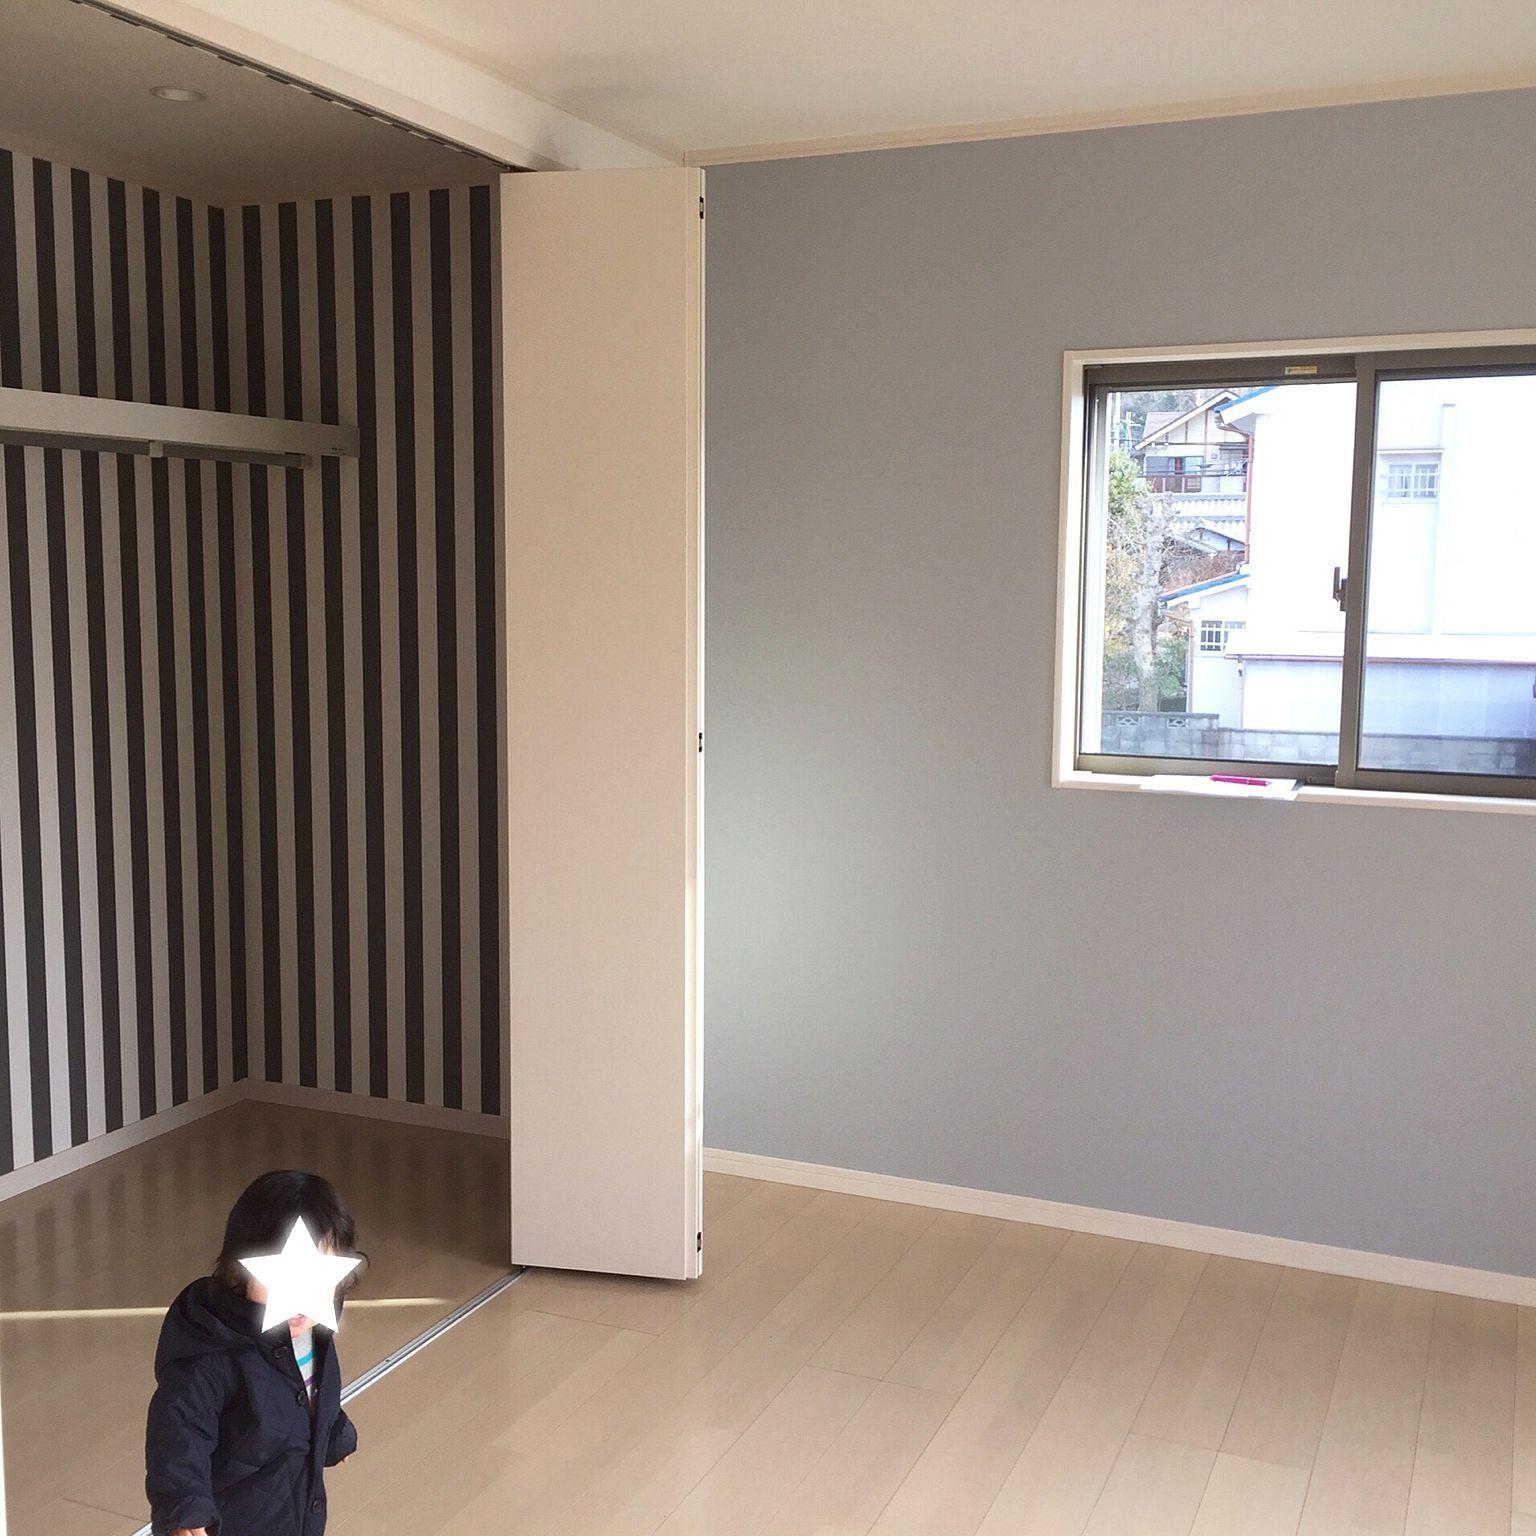 壁 天井 サンゲツ壁紙 ストライプの壁紙 アクセントクロス 寝室の壁